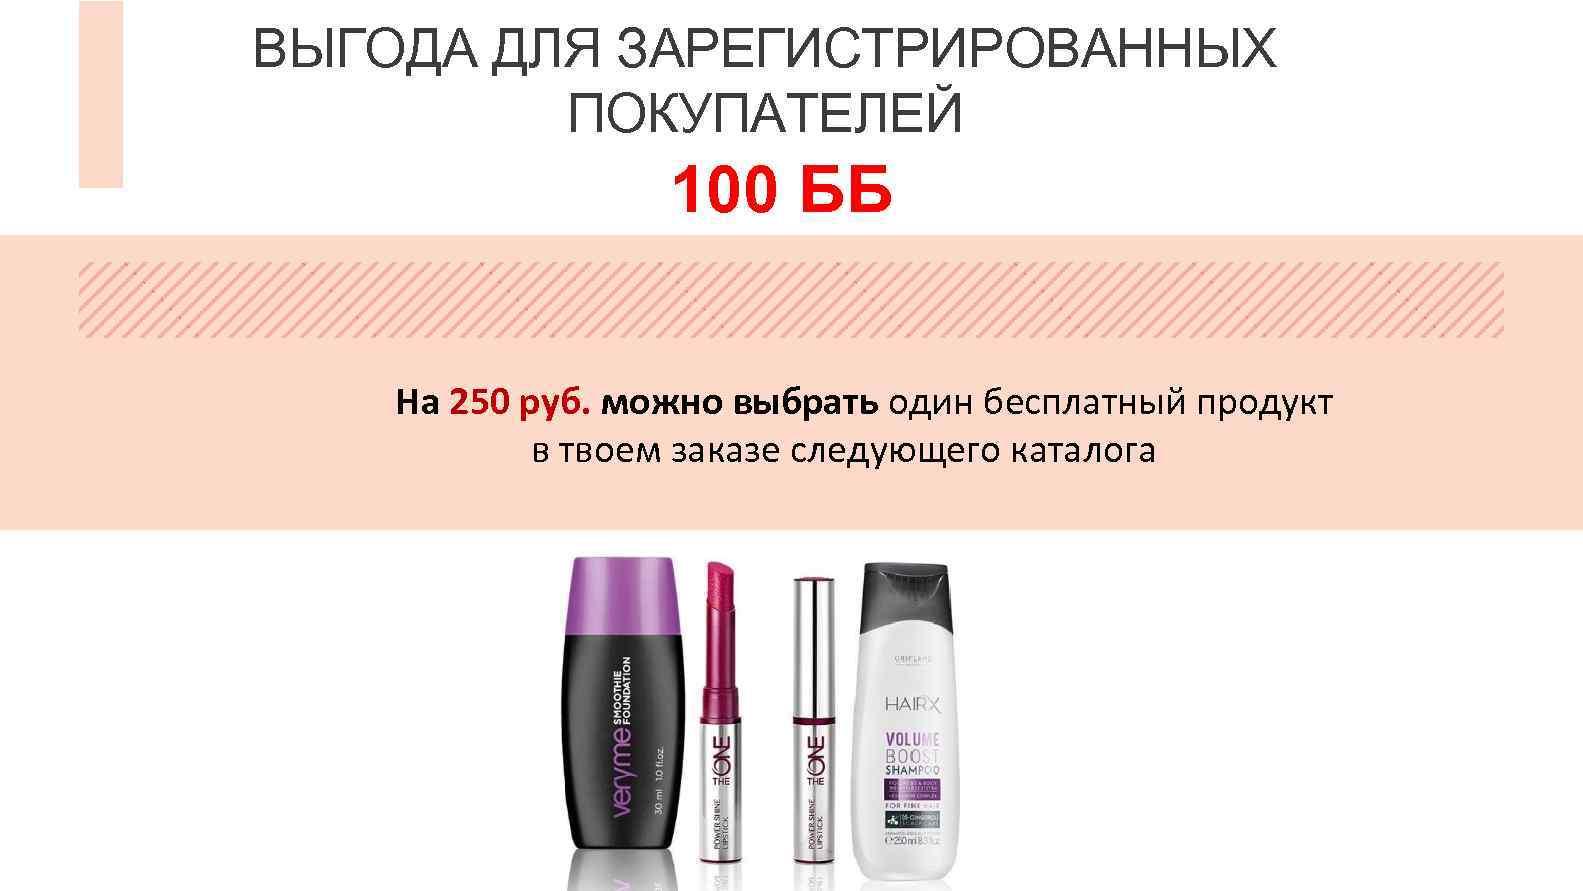 ВЫГОДА ДЛЯ ЗАРЕГИСТРИРОВАННЫХ ПОКУПАТЕЛЕЙ 100 ББ На 250 руб. можно выбрать один бесплатный продукт